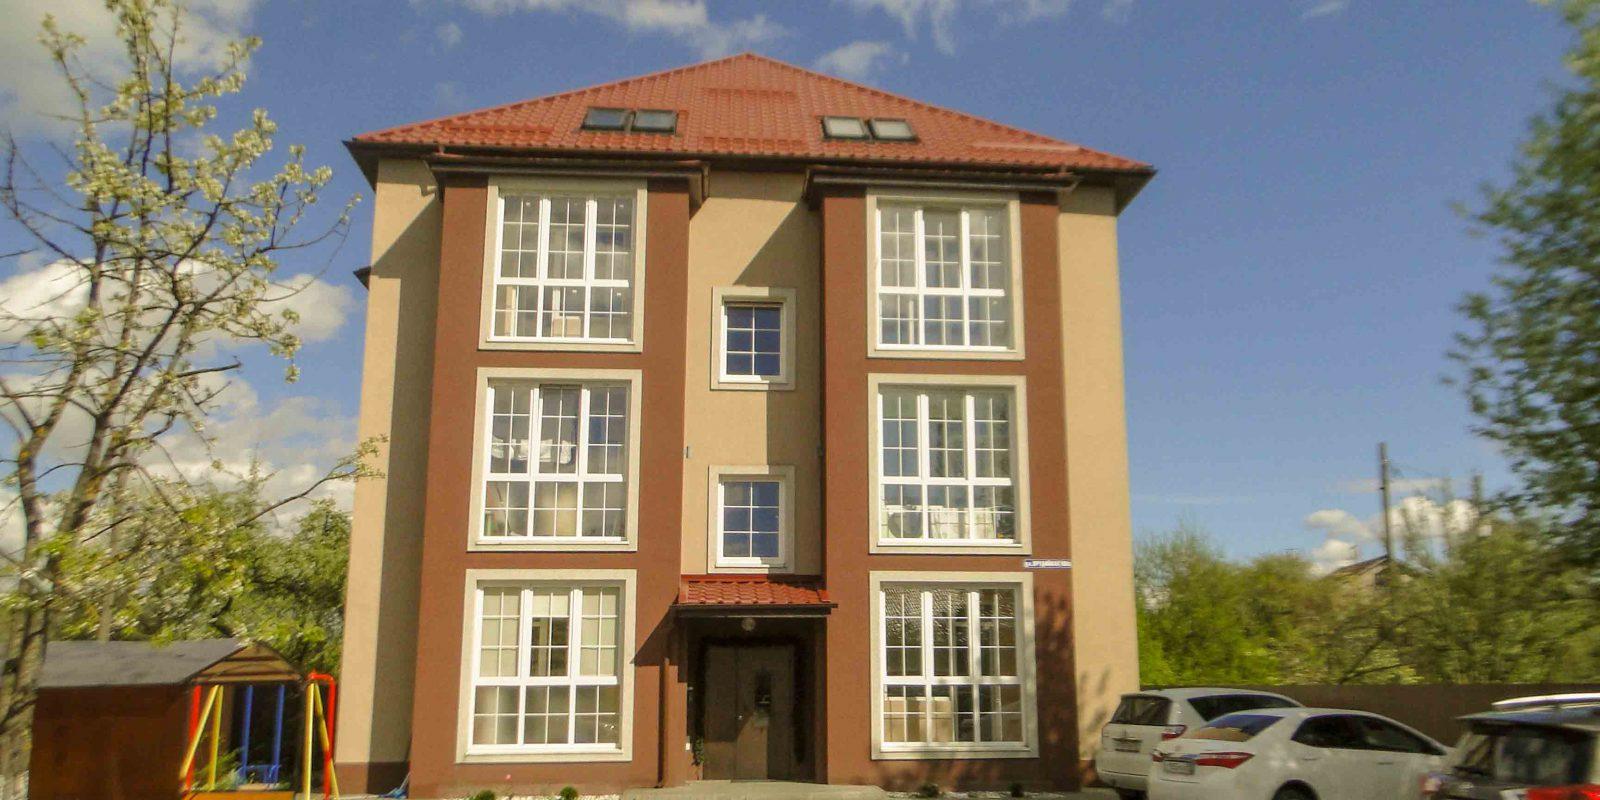 Обследование многоквартирного жилого здания для суда